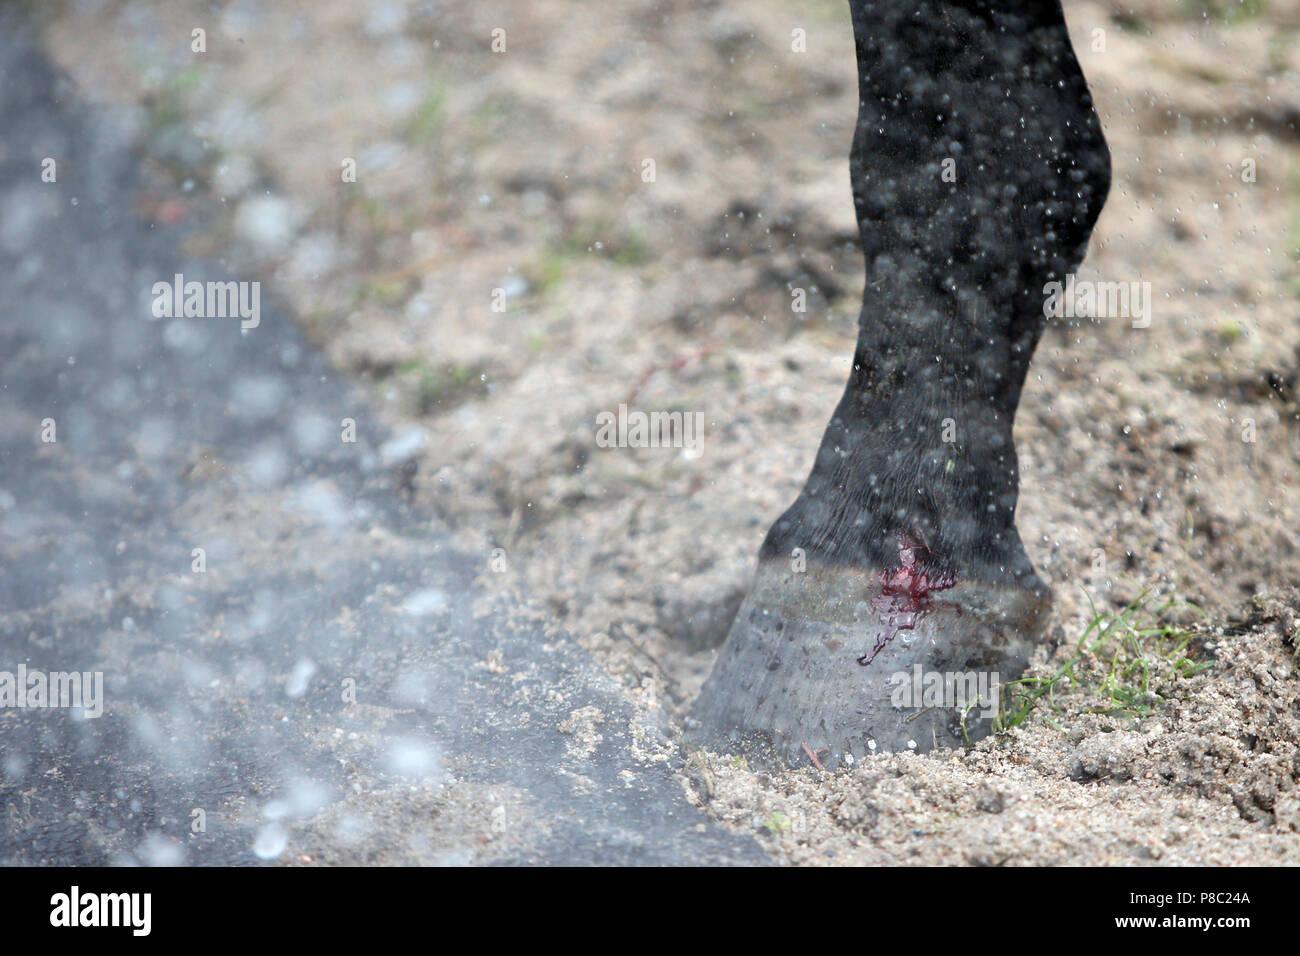 Iffezheim, blessure qui saigne sur la couronne d'un sabot Photo Stock